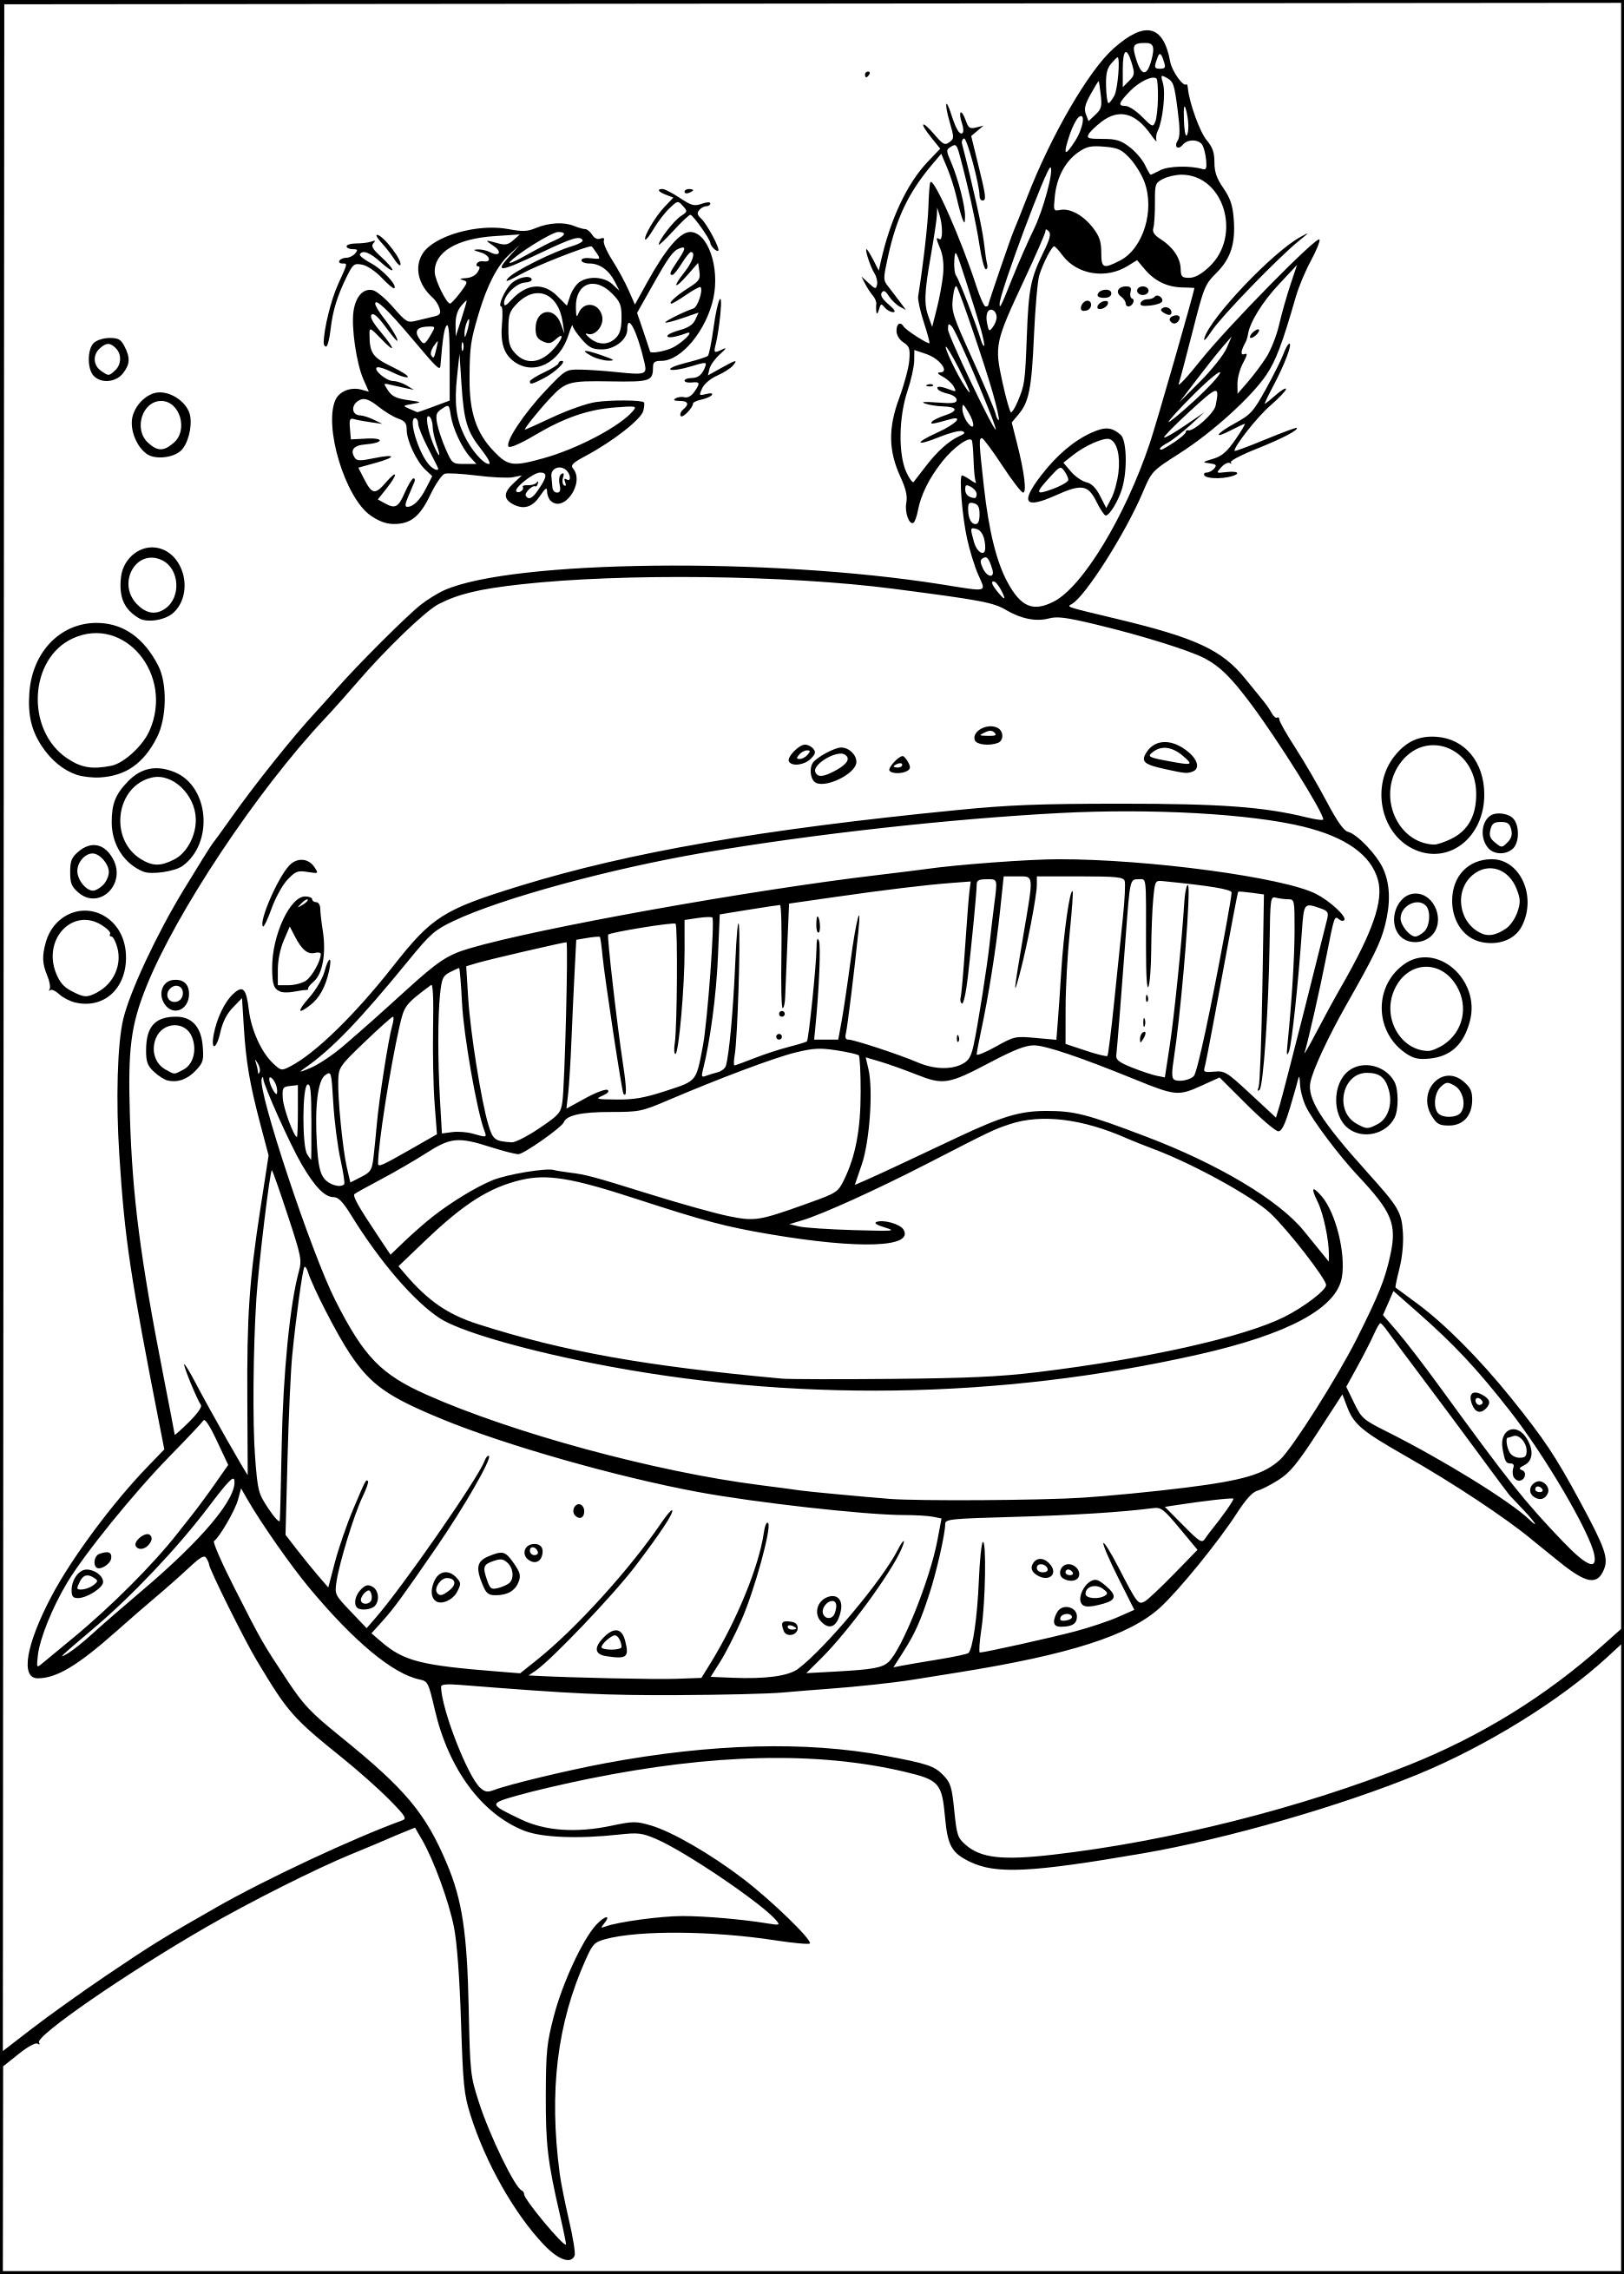 Coloriage baleine imprimer - Coloriage de requin a imprimer ...